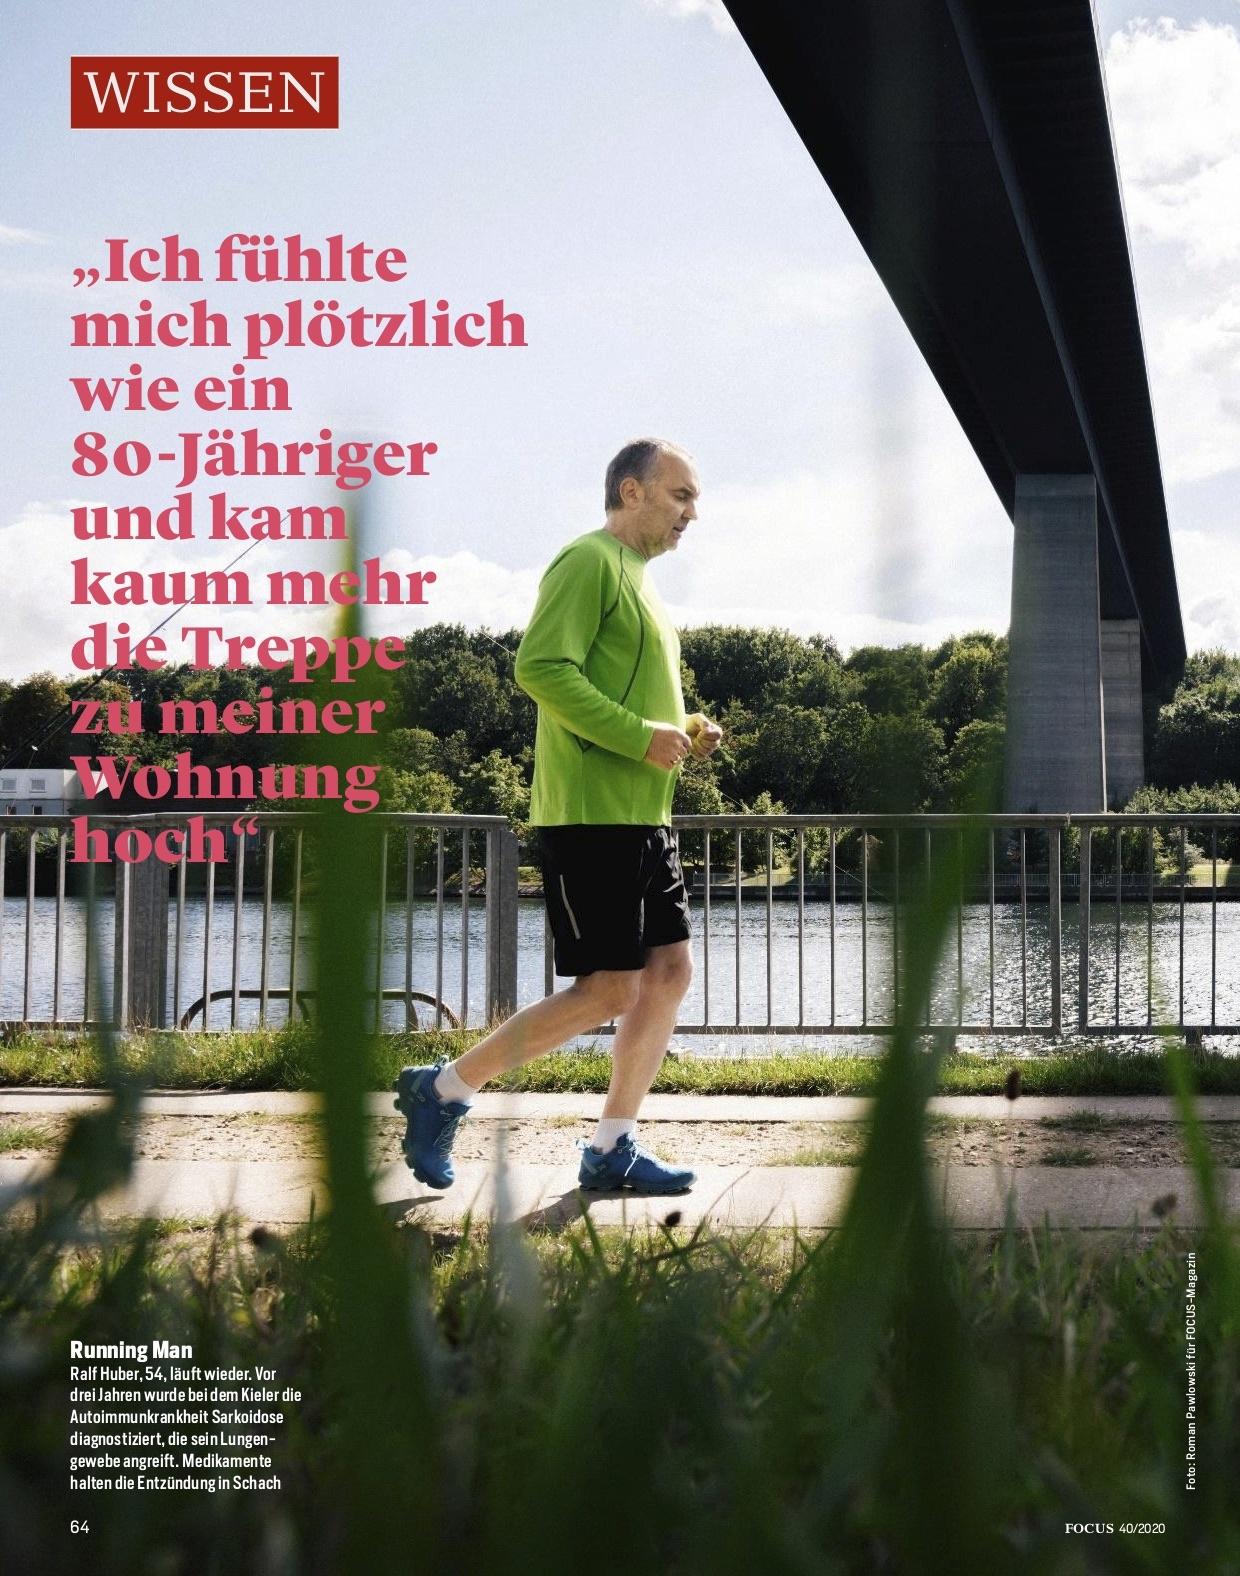 FOCUS Magazin FOCUS Magazin - Der Feind in meinem Körper